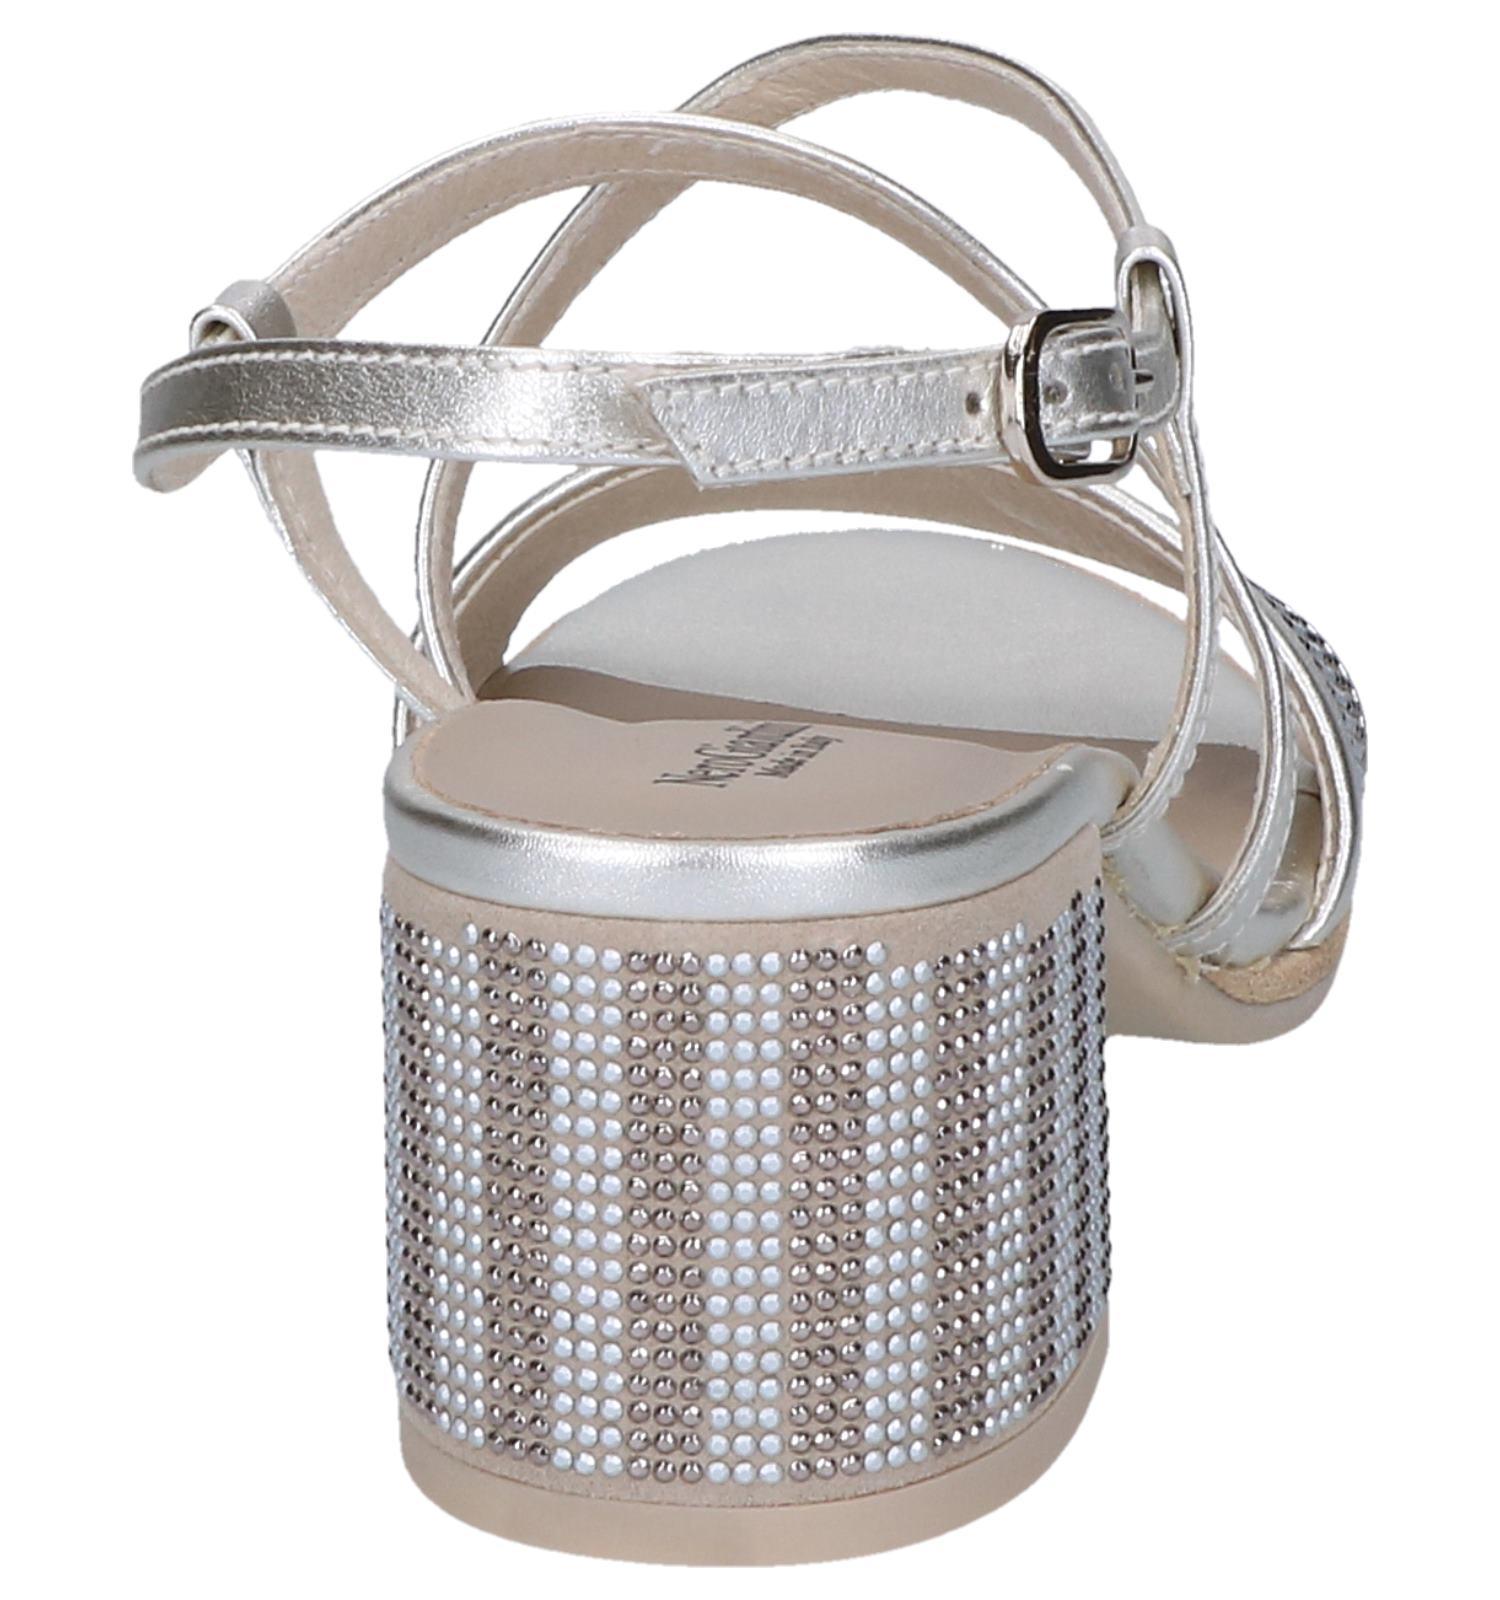 Nerogiardini Sandalen Zilveren Nerogiardini Zilveren Nerogiardini Sandalen Zilveren Sandalen 2WIe9EYDHb